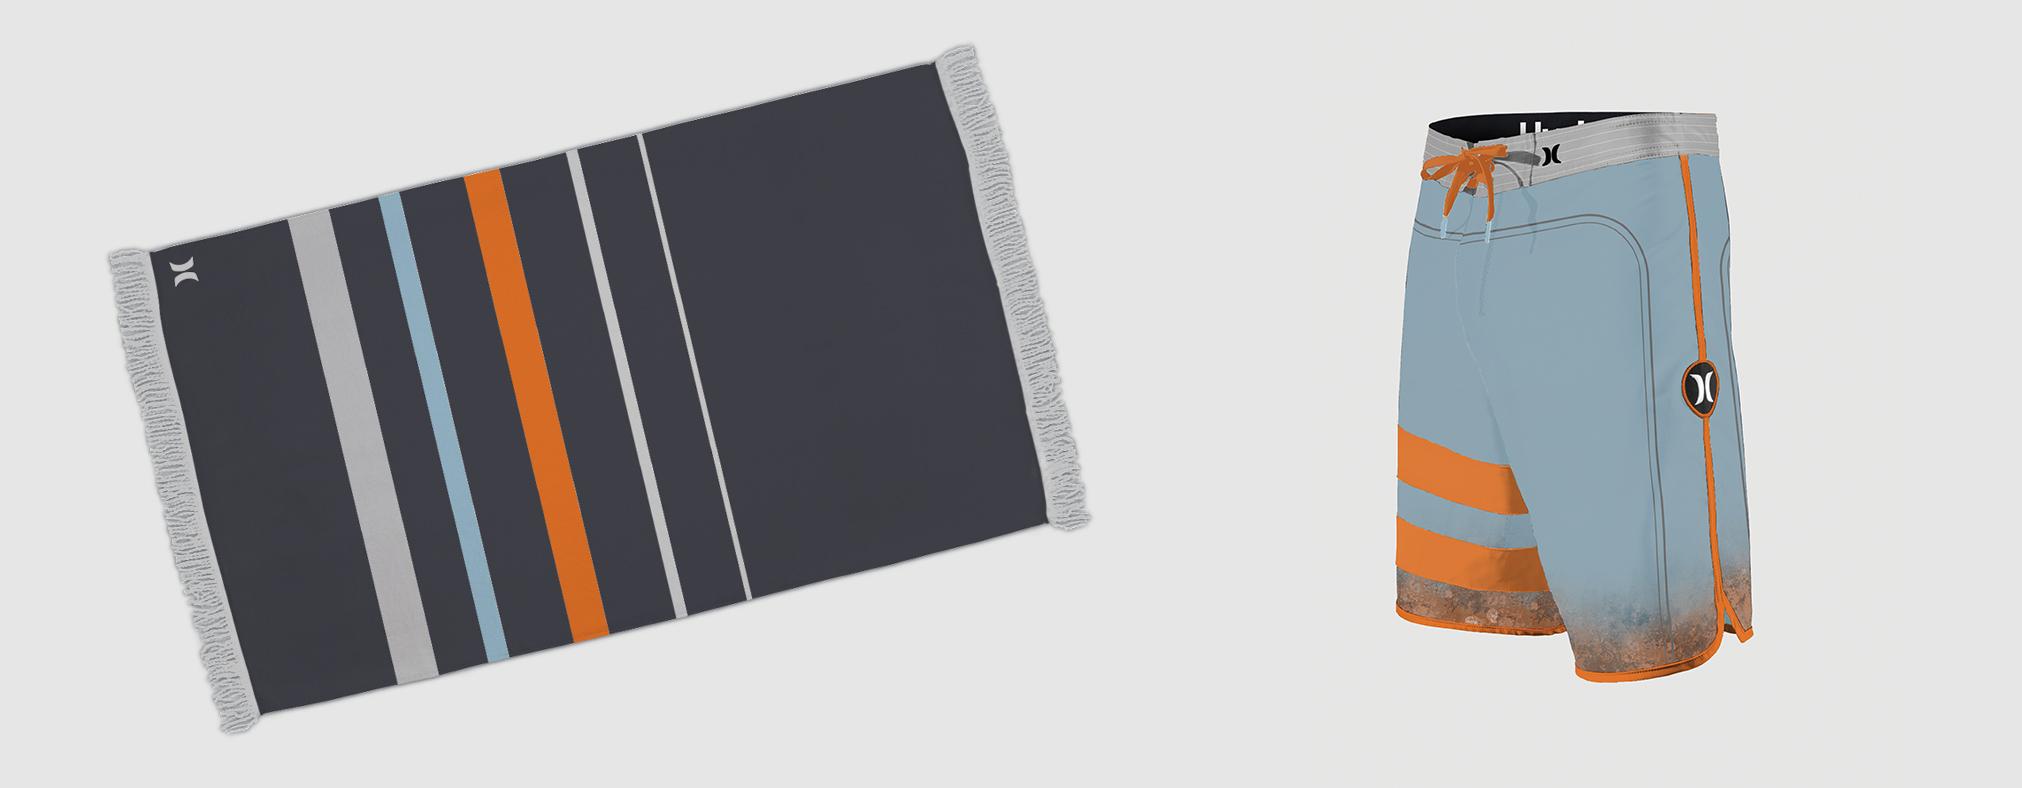 shorts_and_towel.jpg